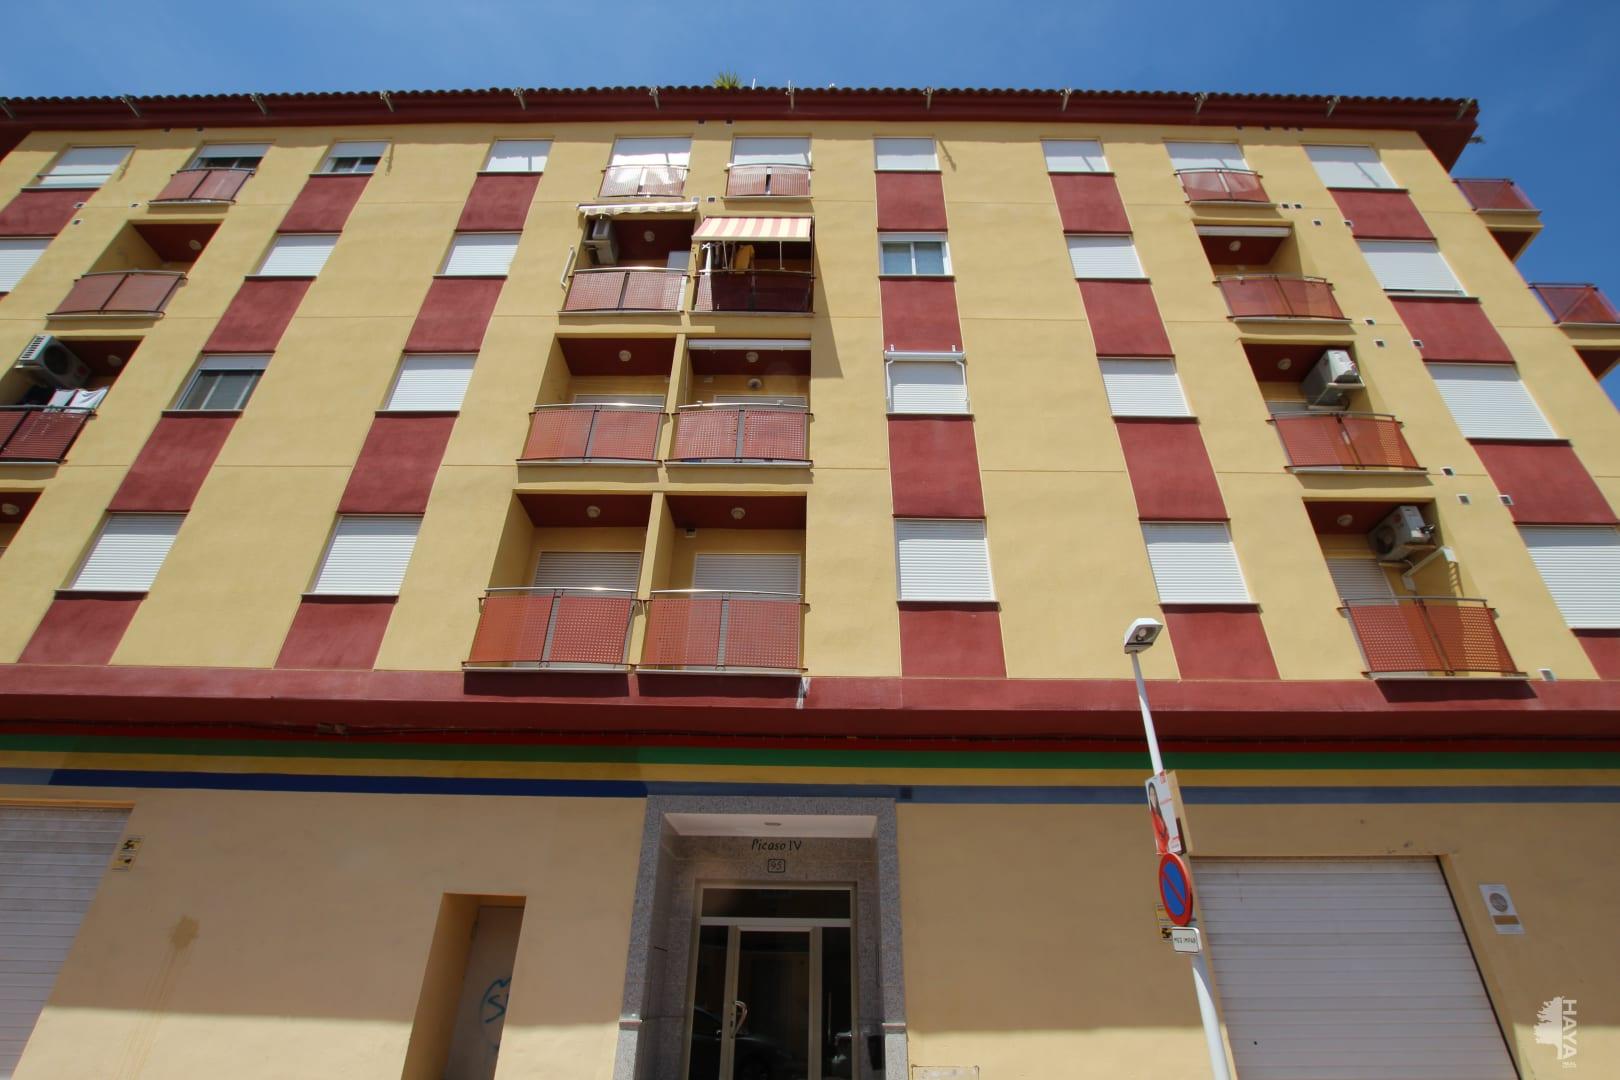 Piso en venta en Els Cuarts, Oropesa del Mar/orpesa, Castellón, Calle Velazquez, 74.000 €, 1 baño, 103 m2